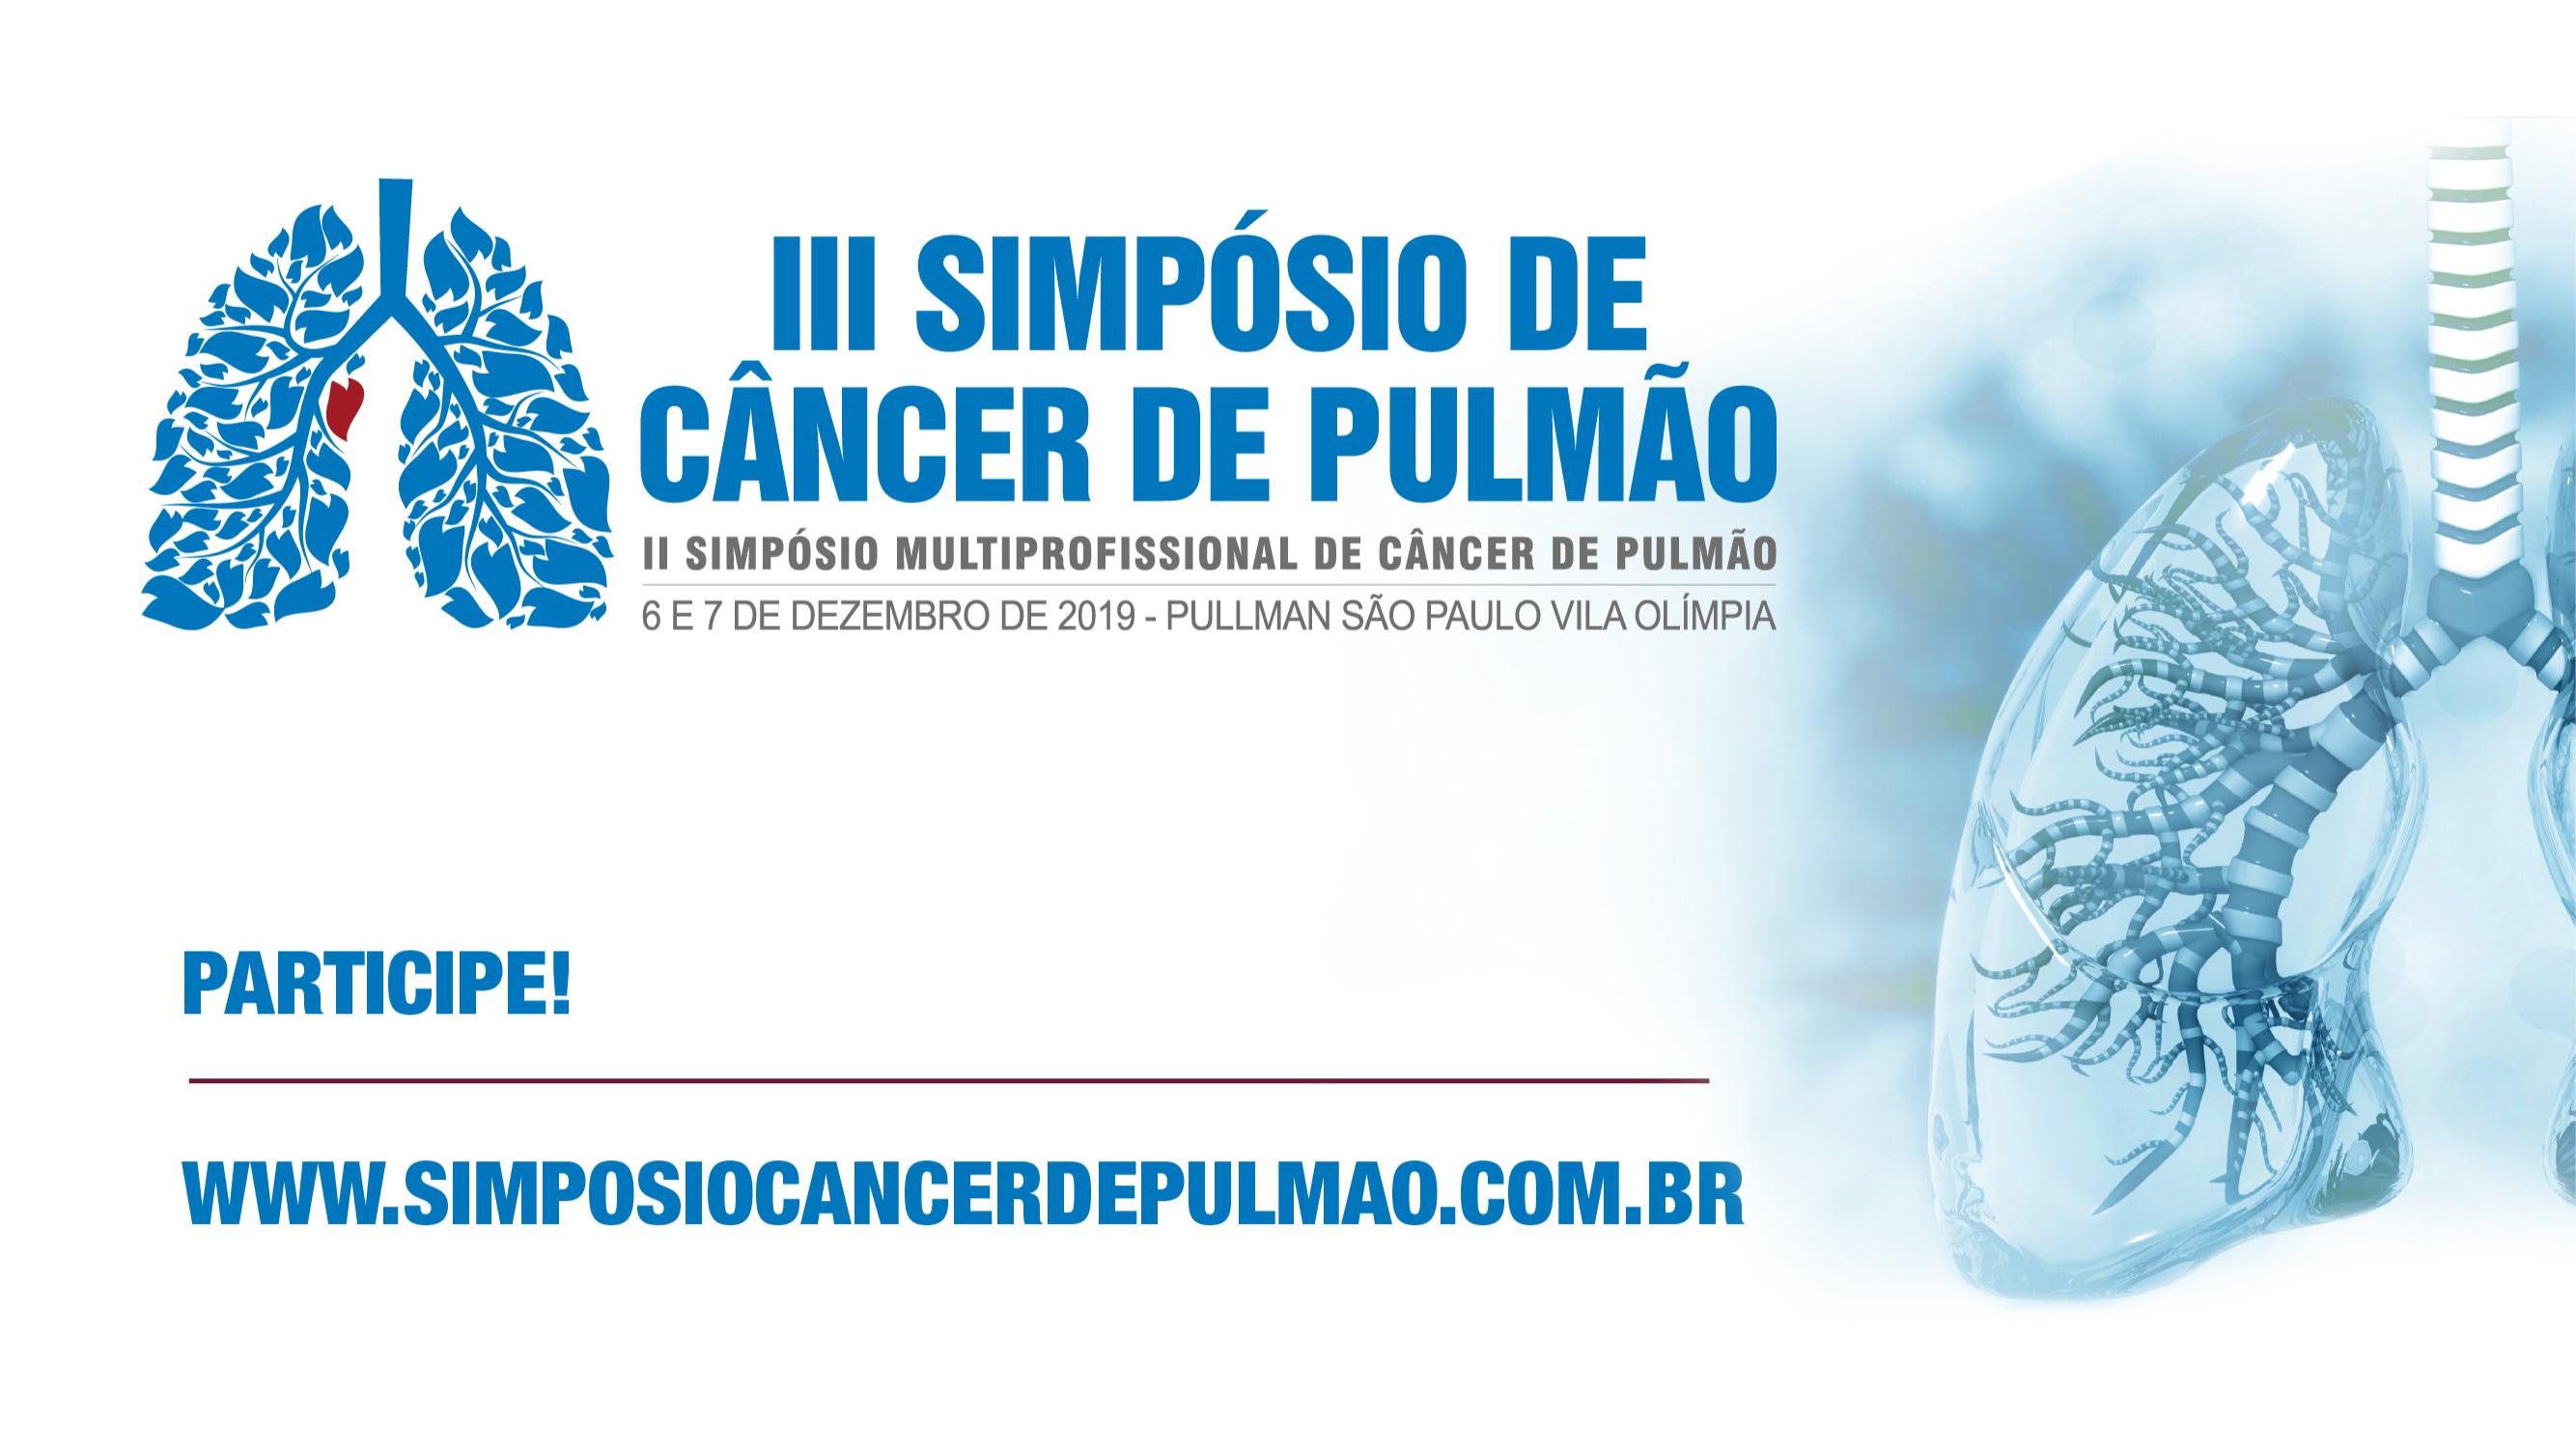 III Simpósio de Câncer de Pulmão